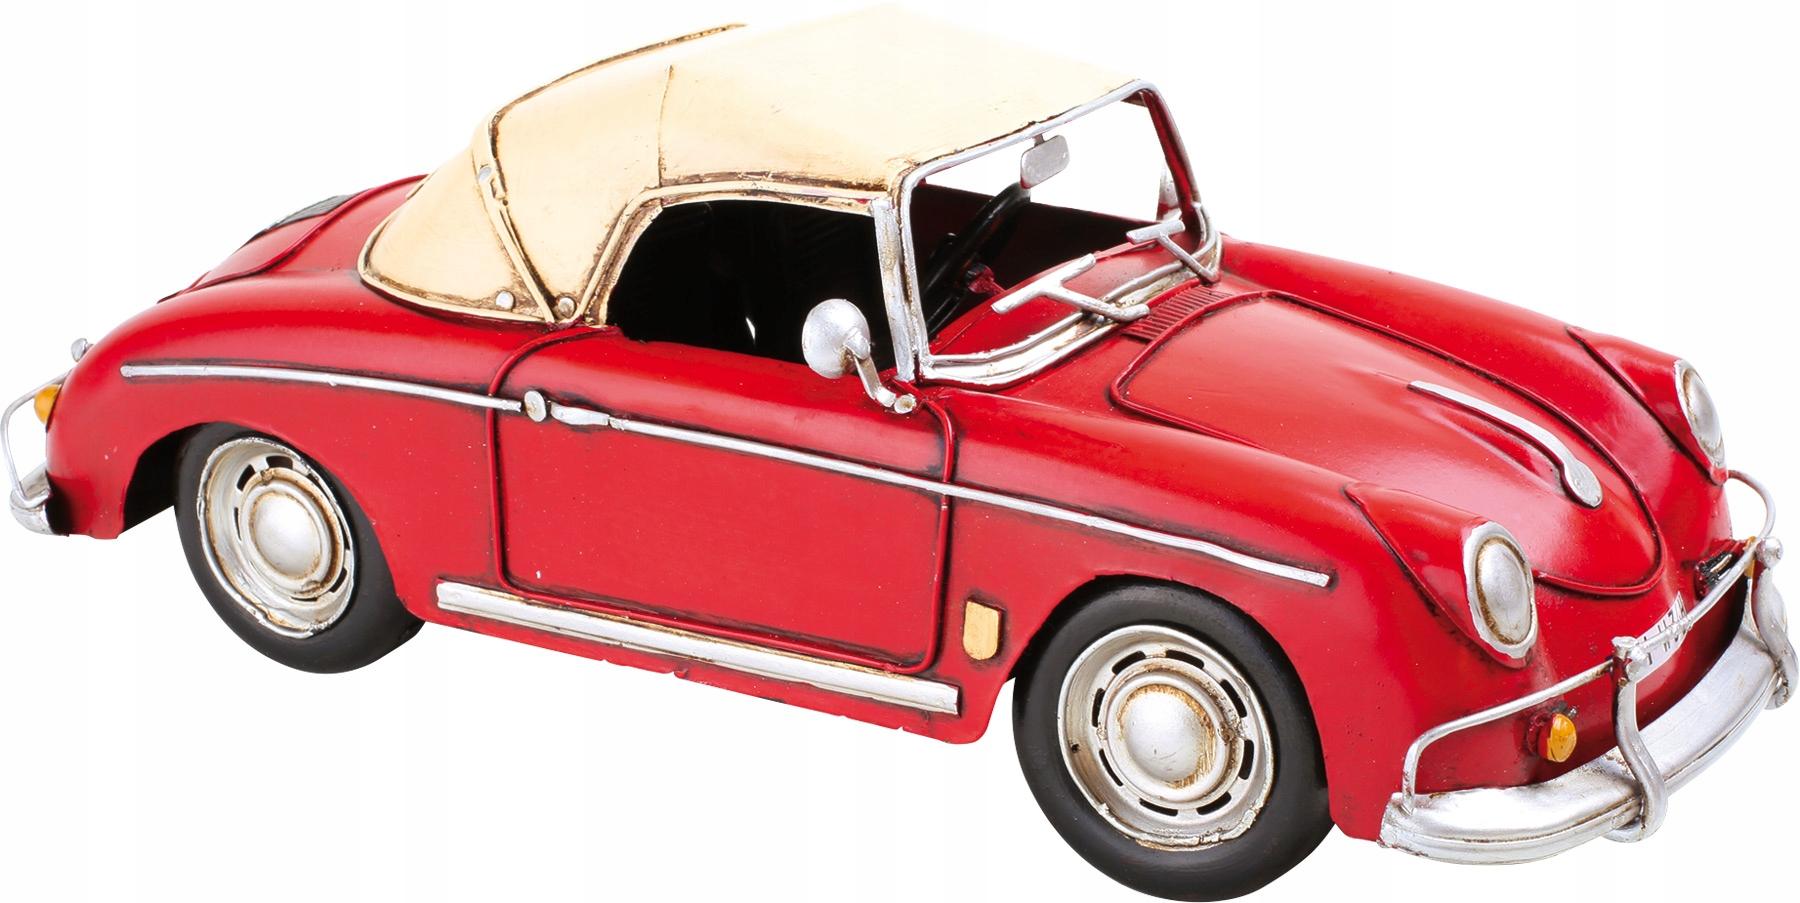 Šperky Vintage Šperky Retro Classic Car